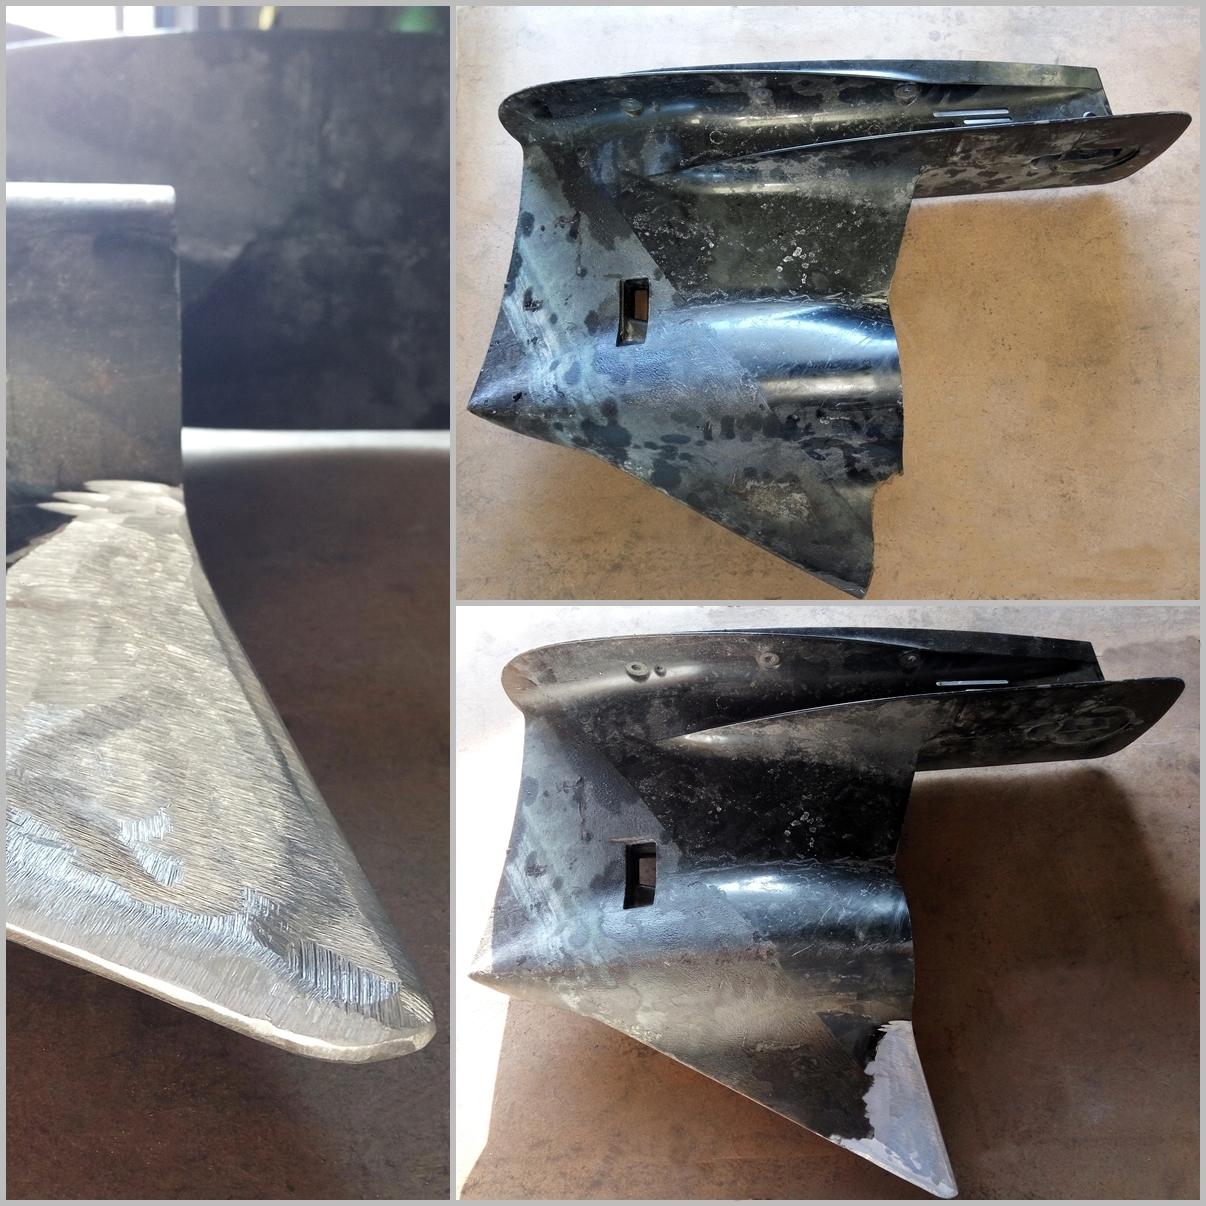 Reconstrucción de aleta cola fueraborda de aluminio